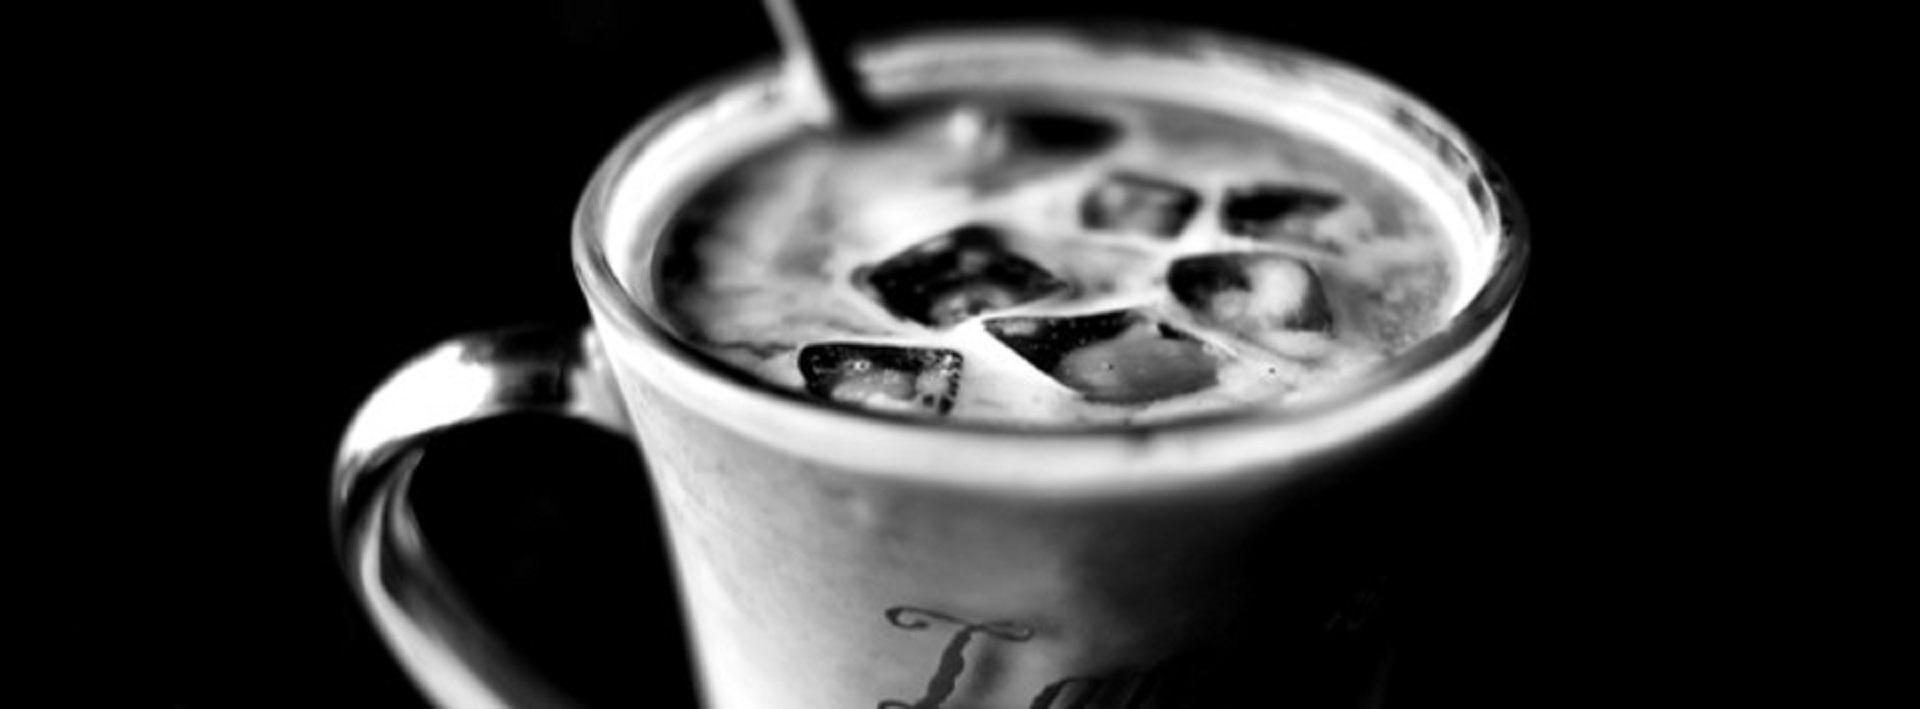 Pora na kawę! Ale tym razem zimną!